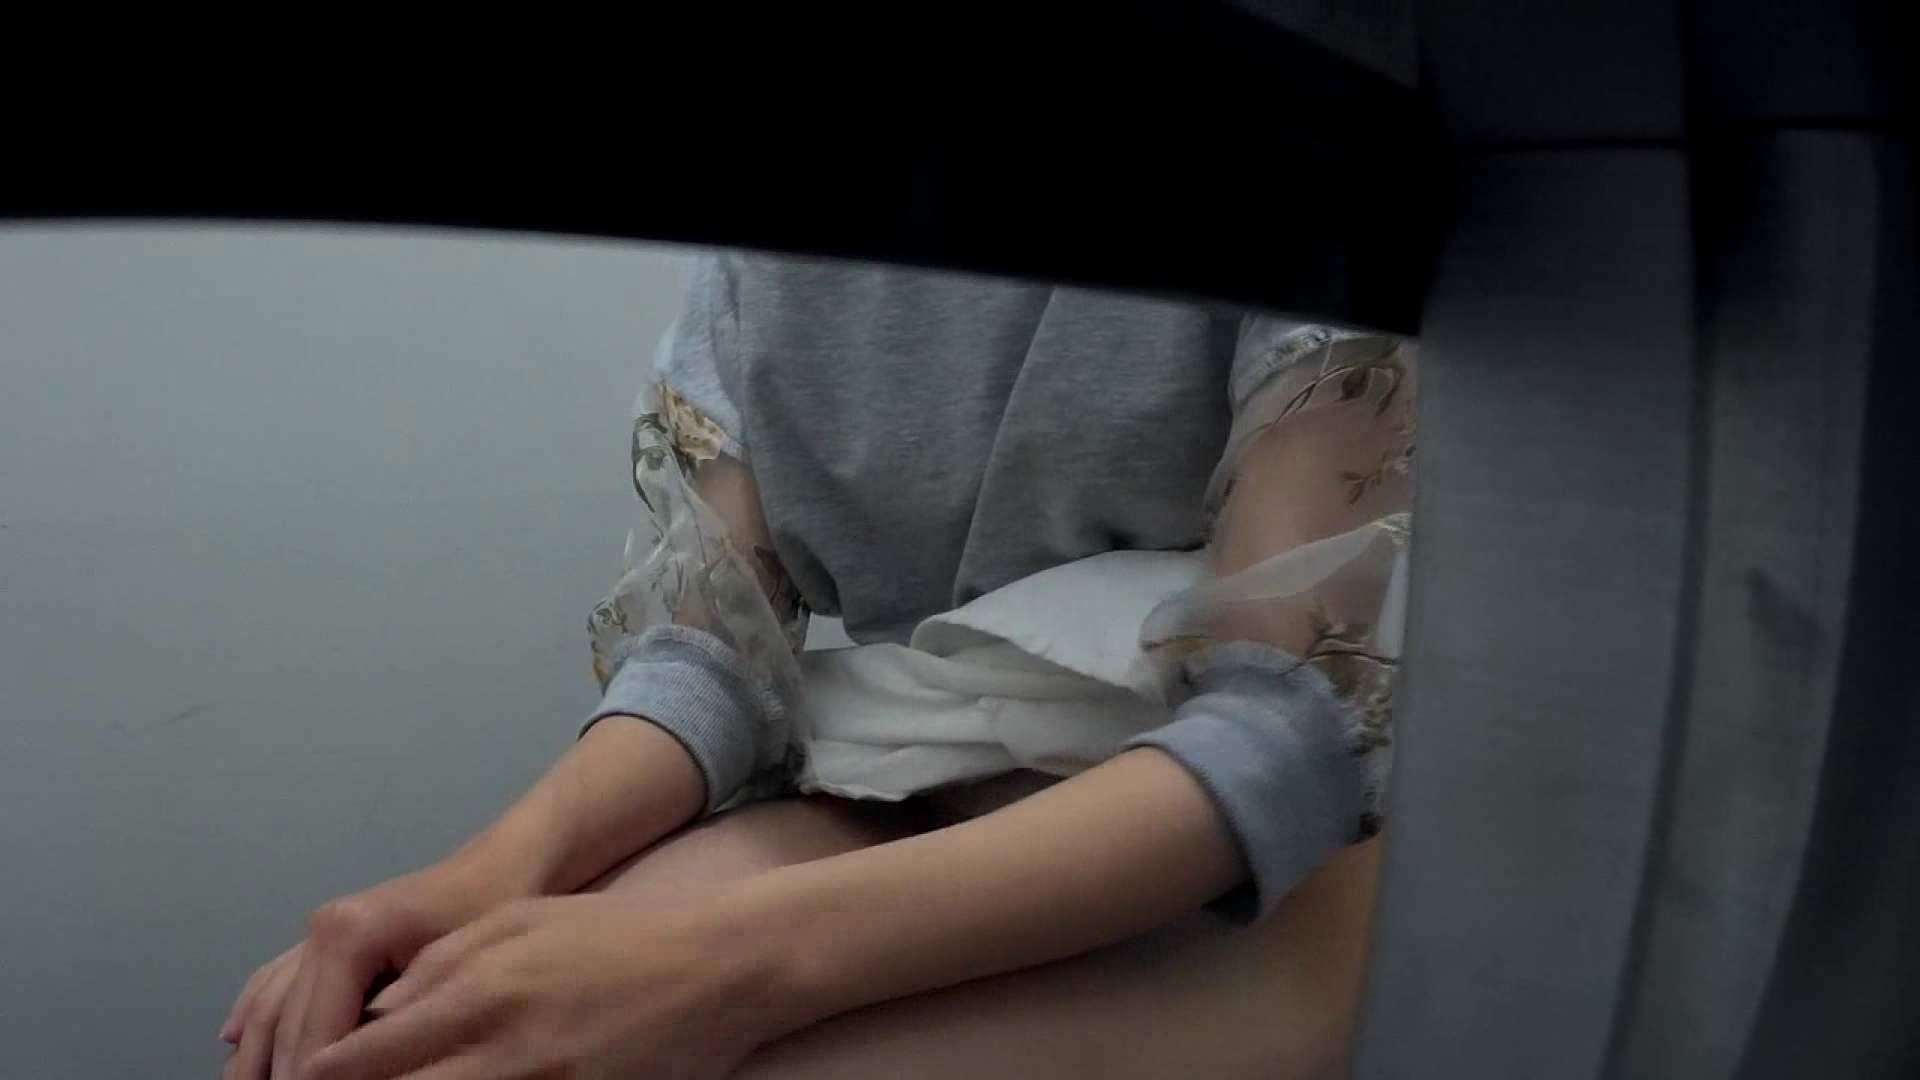 有名大学女性洗面所 vol.40 ??おまじない的な動きをする子がいます。 排泄 えろ無修正画像 99枚 80